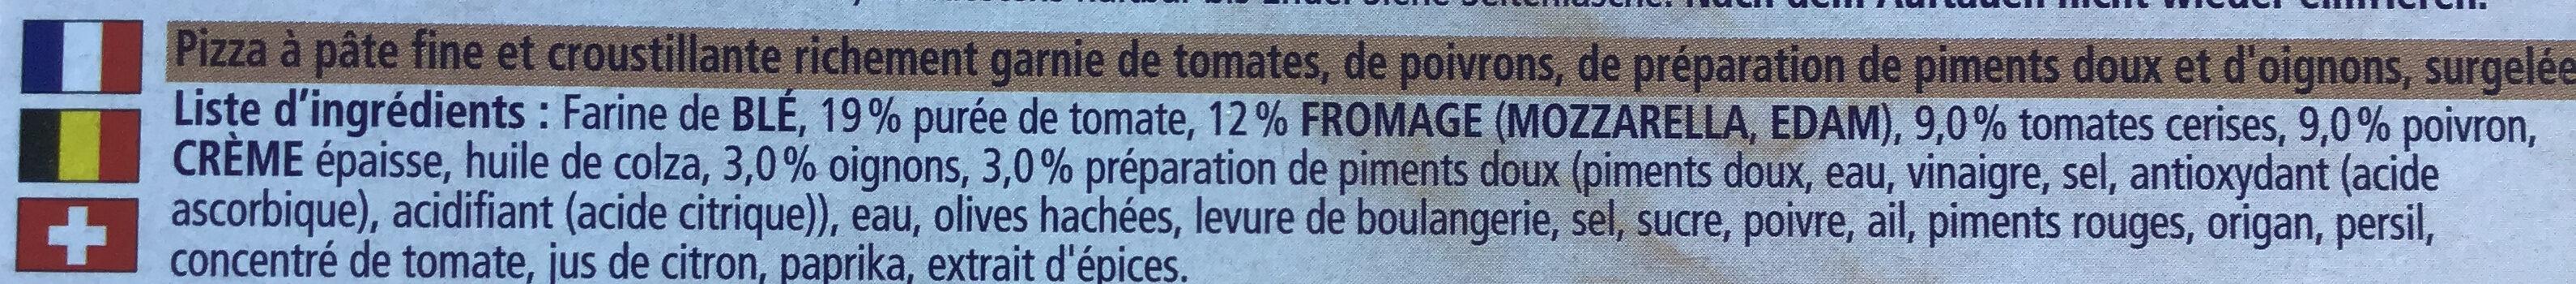 Pizza Végétale - Ingrédients - fr